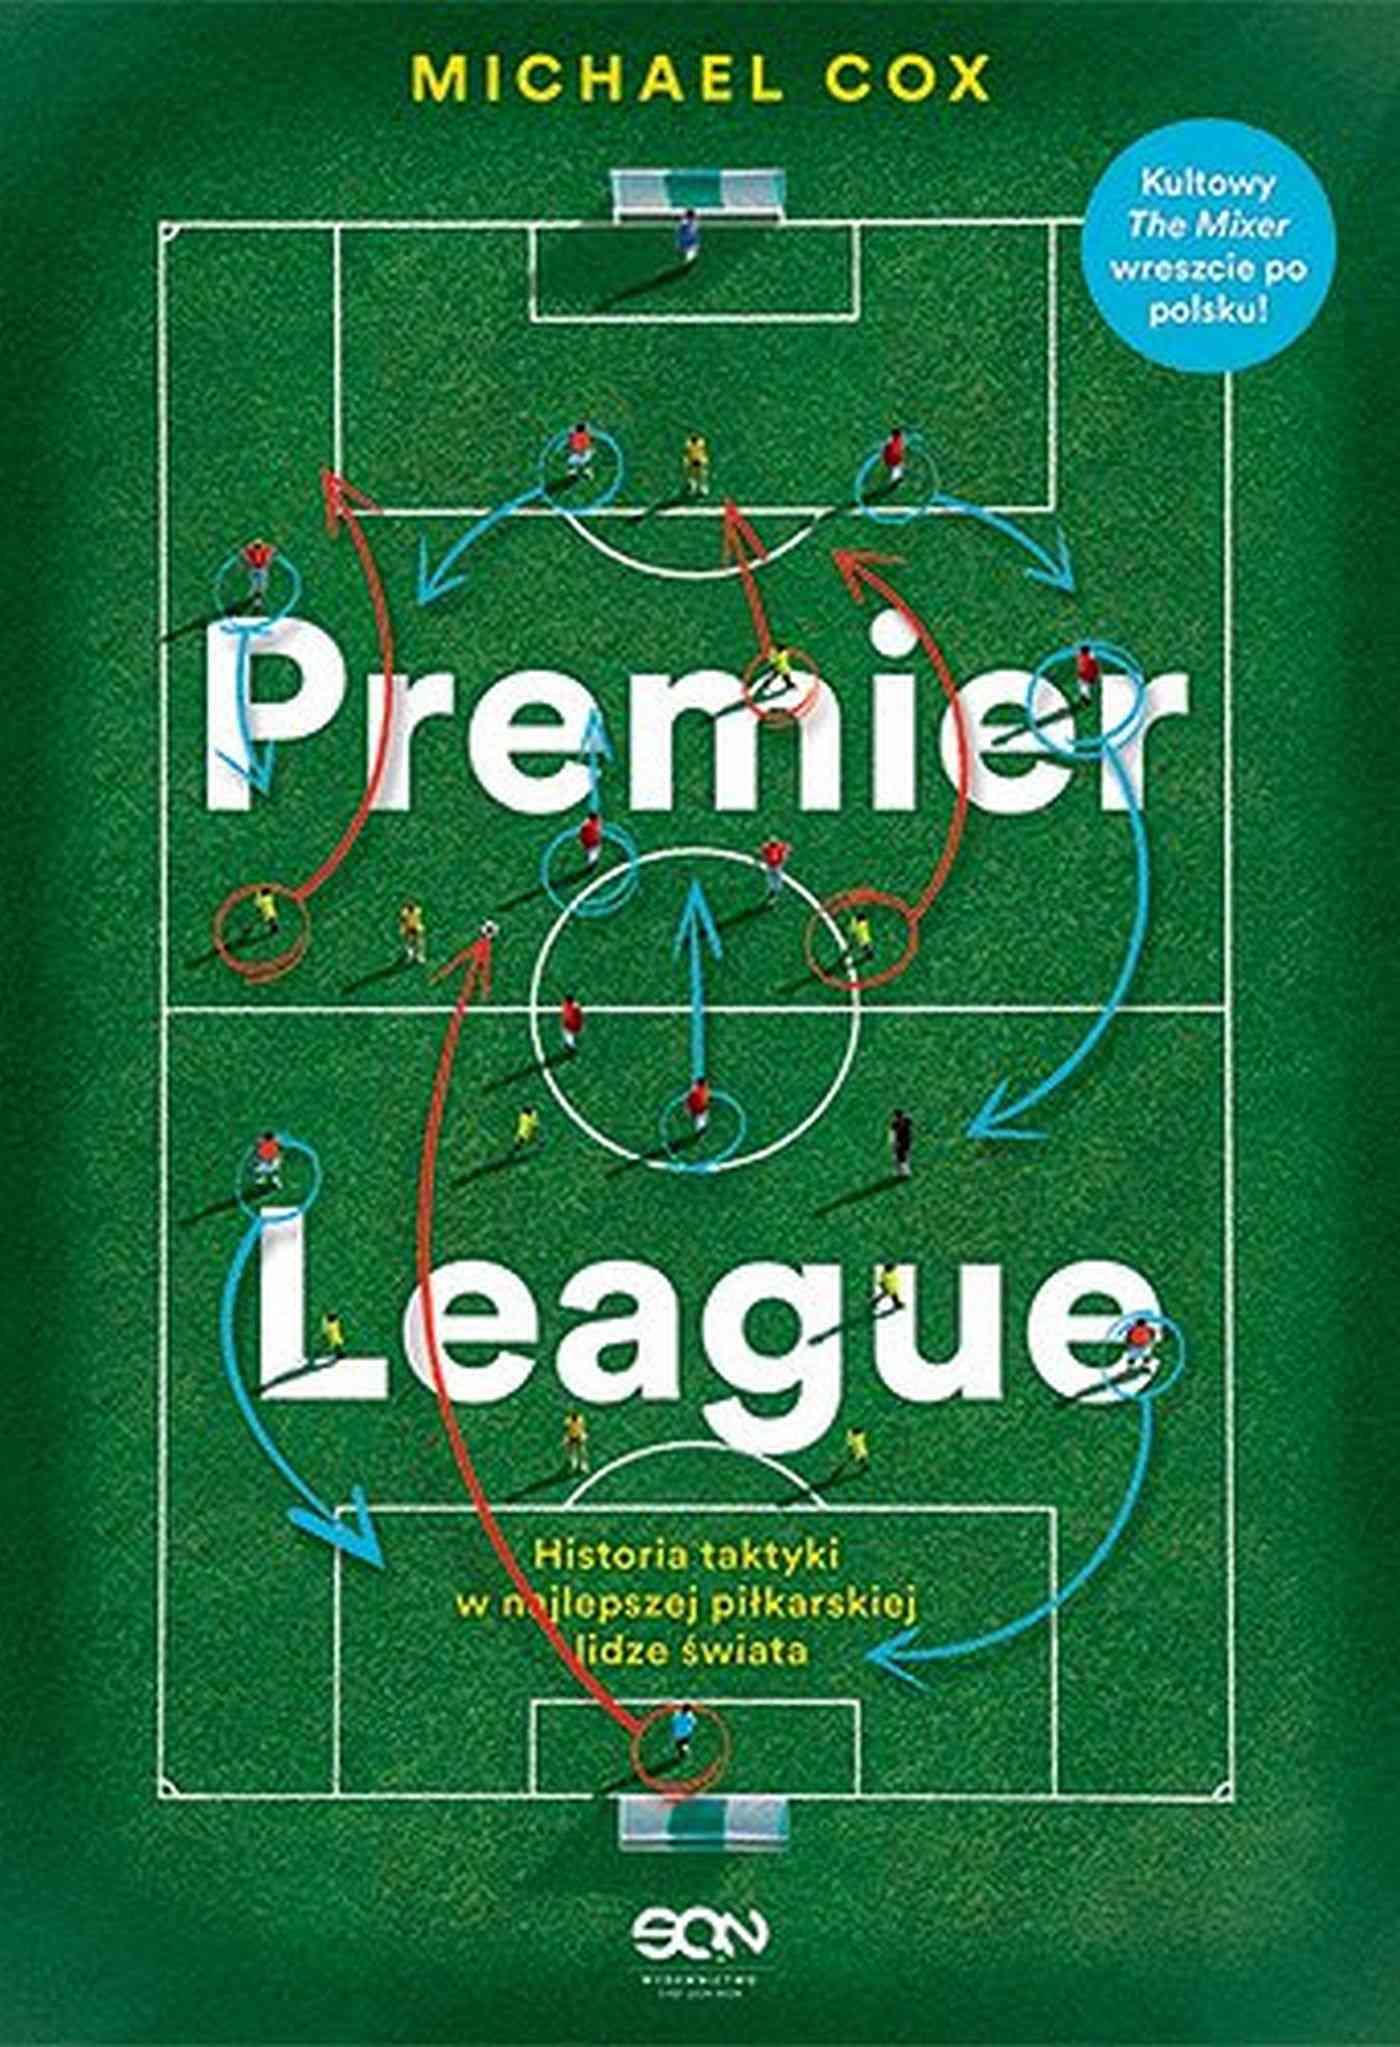 Premier League. Historia taktyki w najlepszej piłkarskiej lidze świata - Ebook (Książka EPUB) do pobrania w formacie EPUB